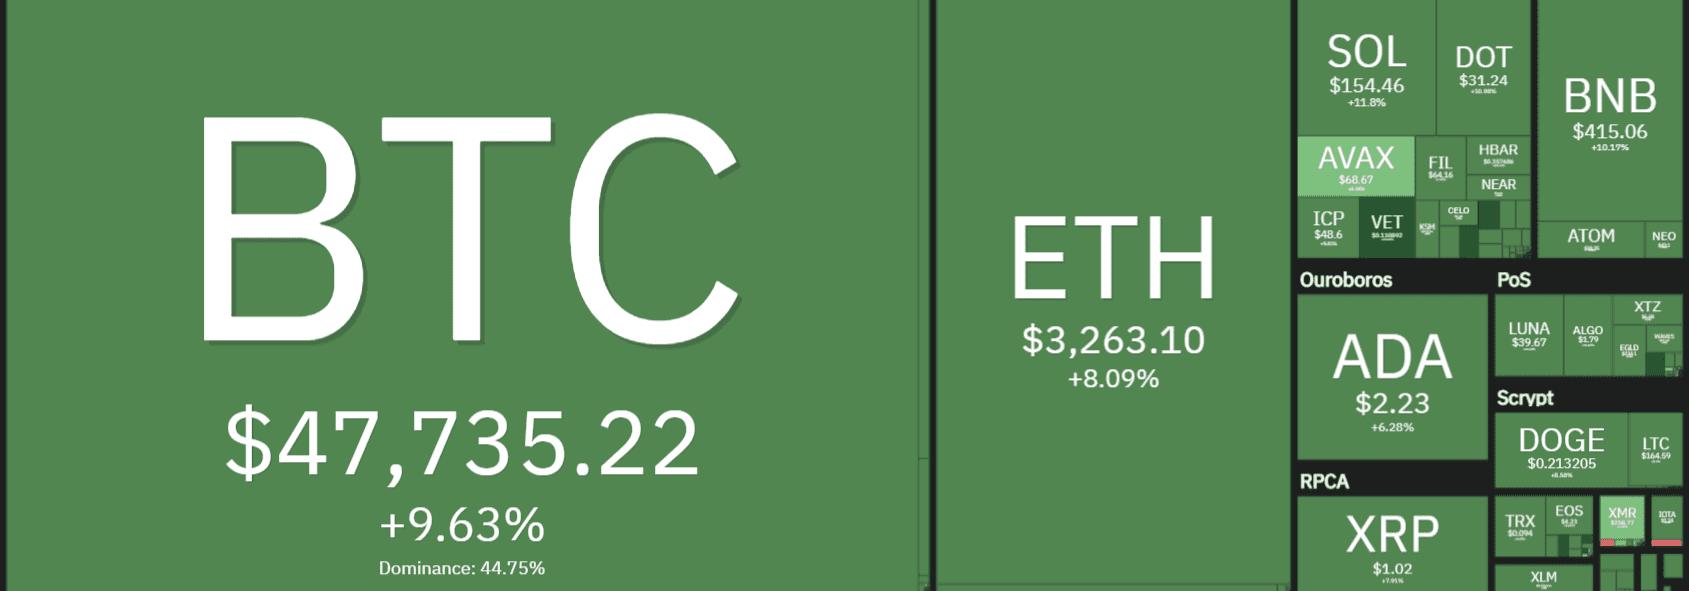 kripto paralar son 24 saatlik artış grafiği, kripto paralar yeşile döndü